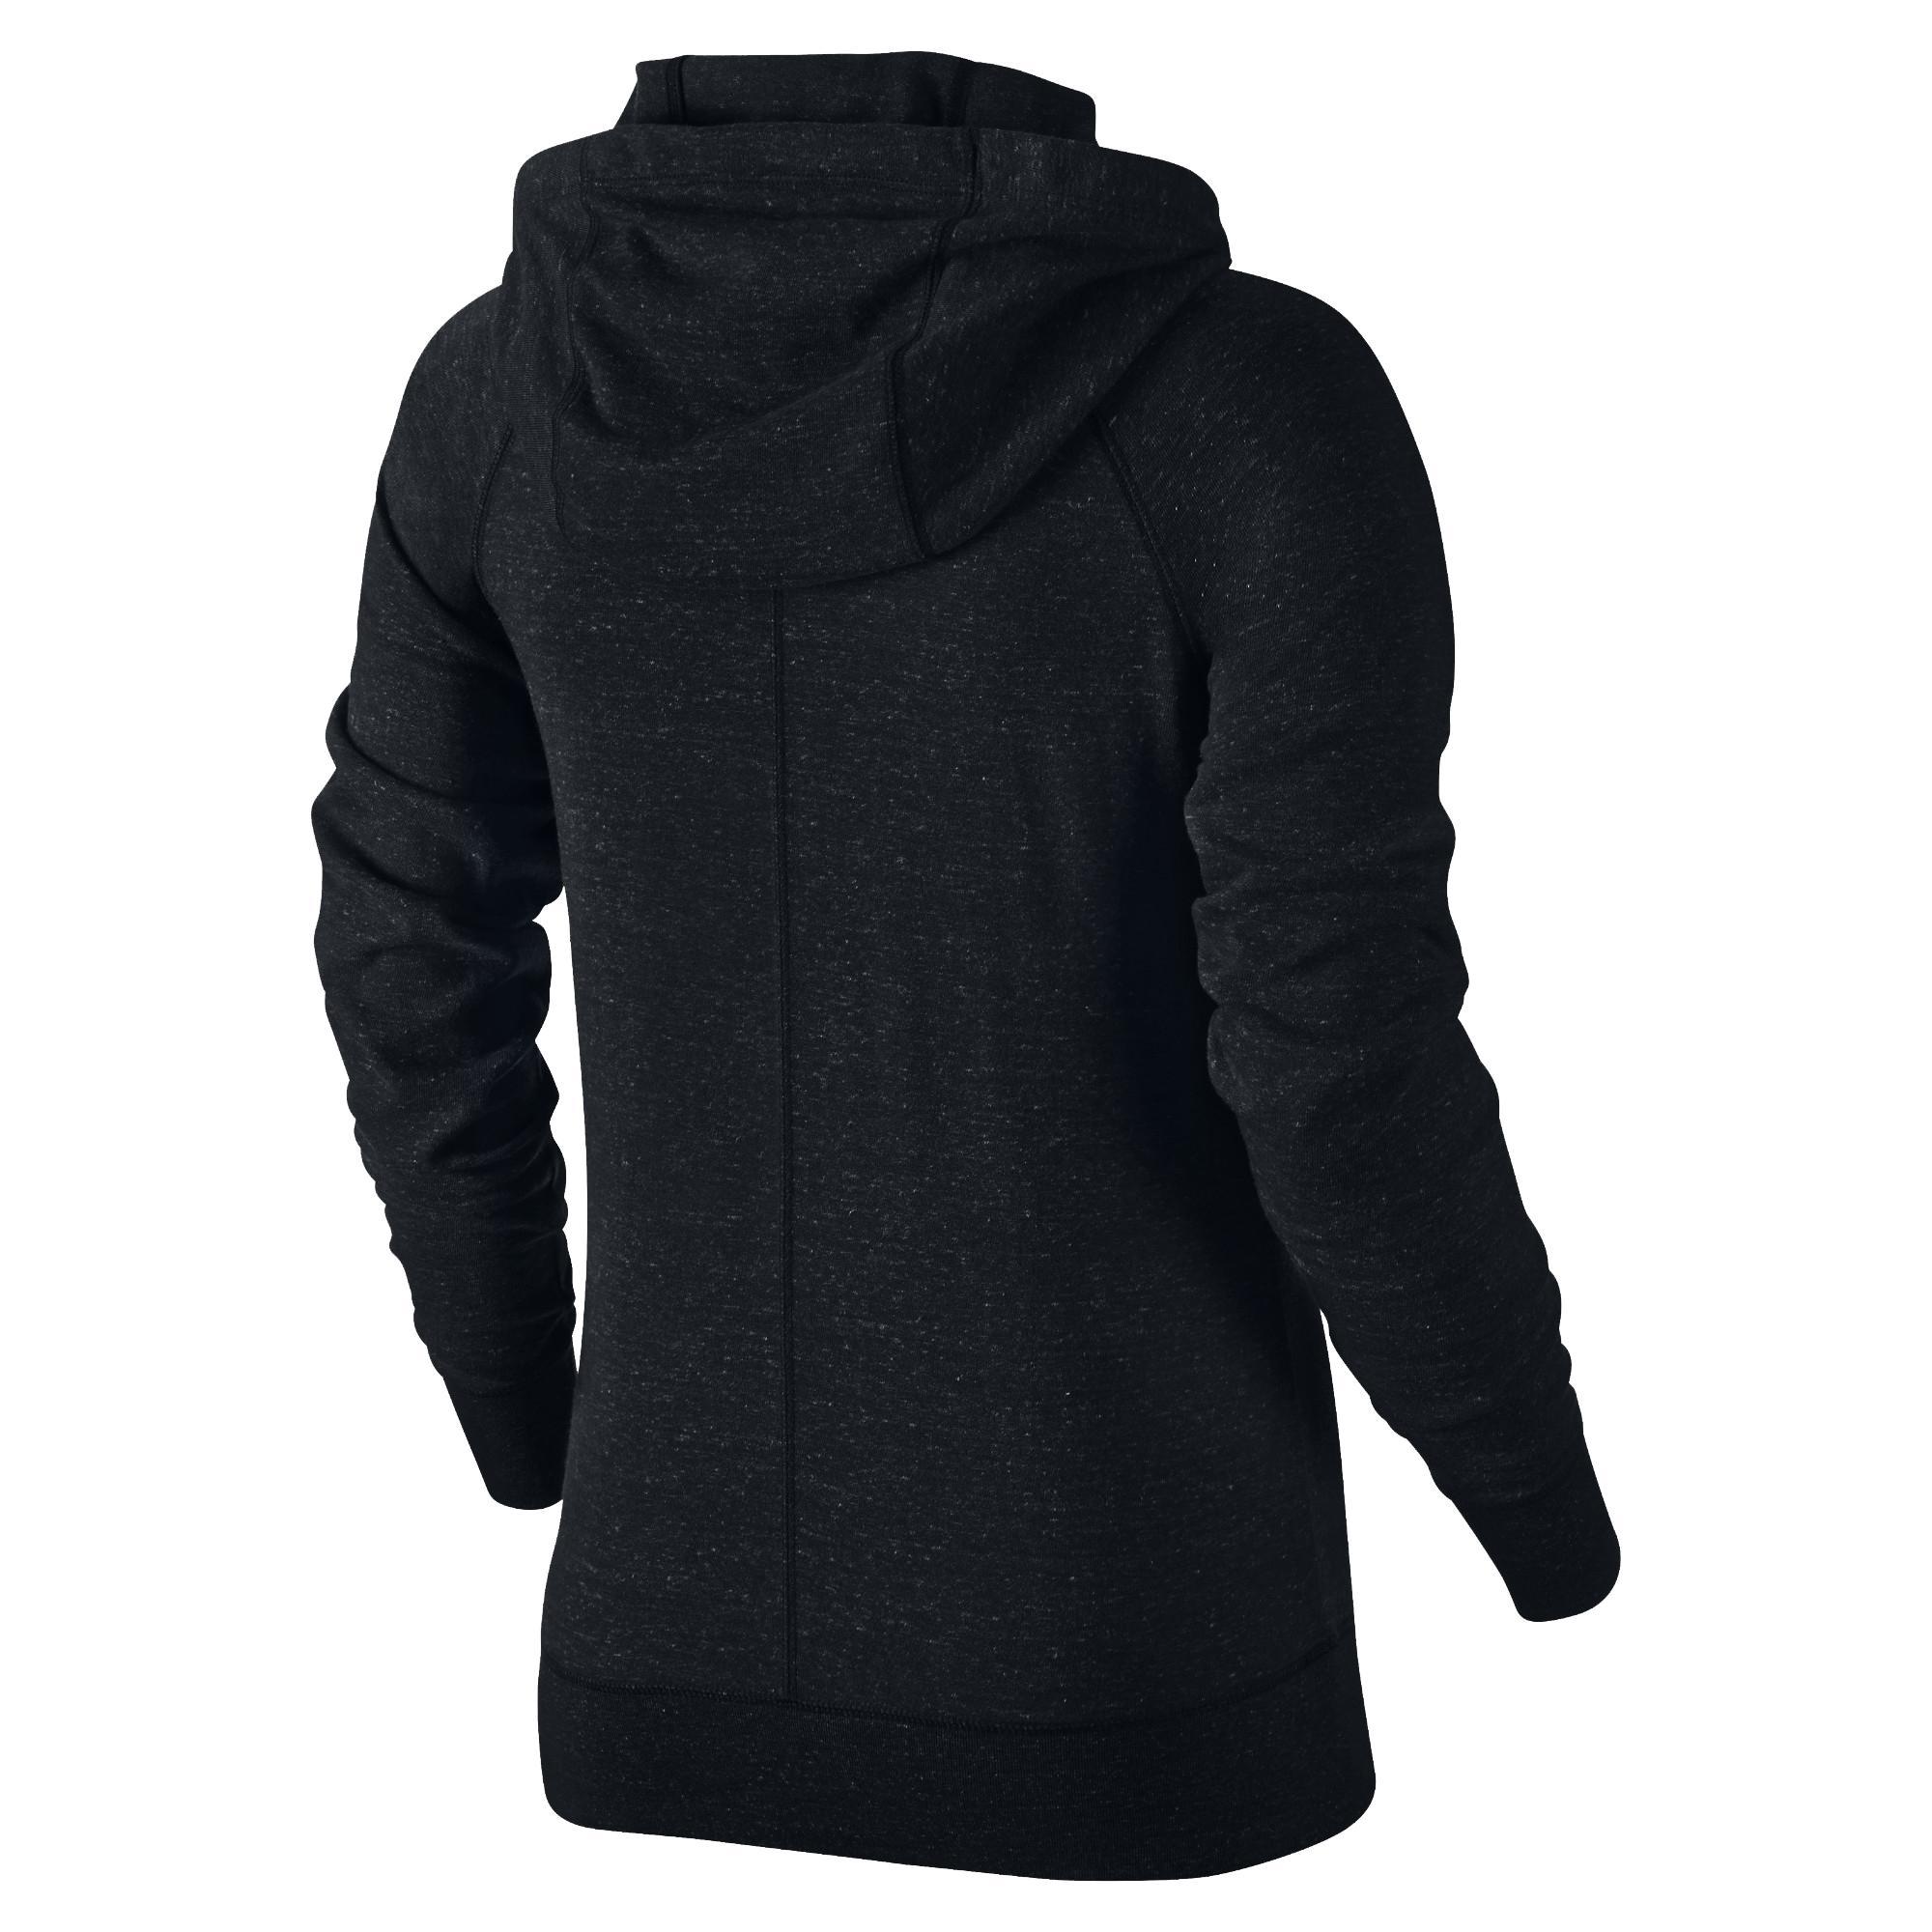 nike gym vintage hoodie ss17 kap onlu kad n sweatshirt. Black Bedroom Furniture Sets. Home Design Ideas